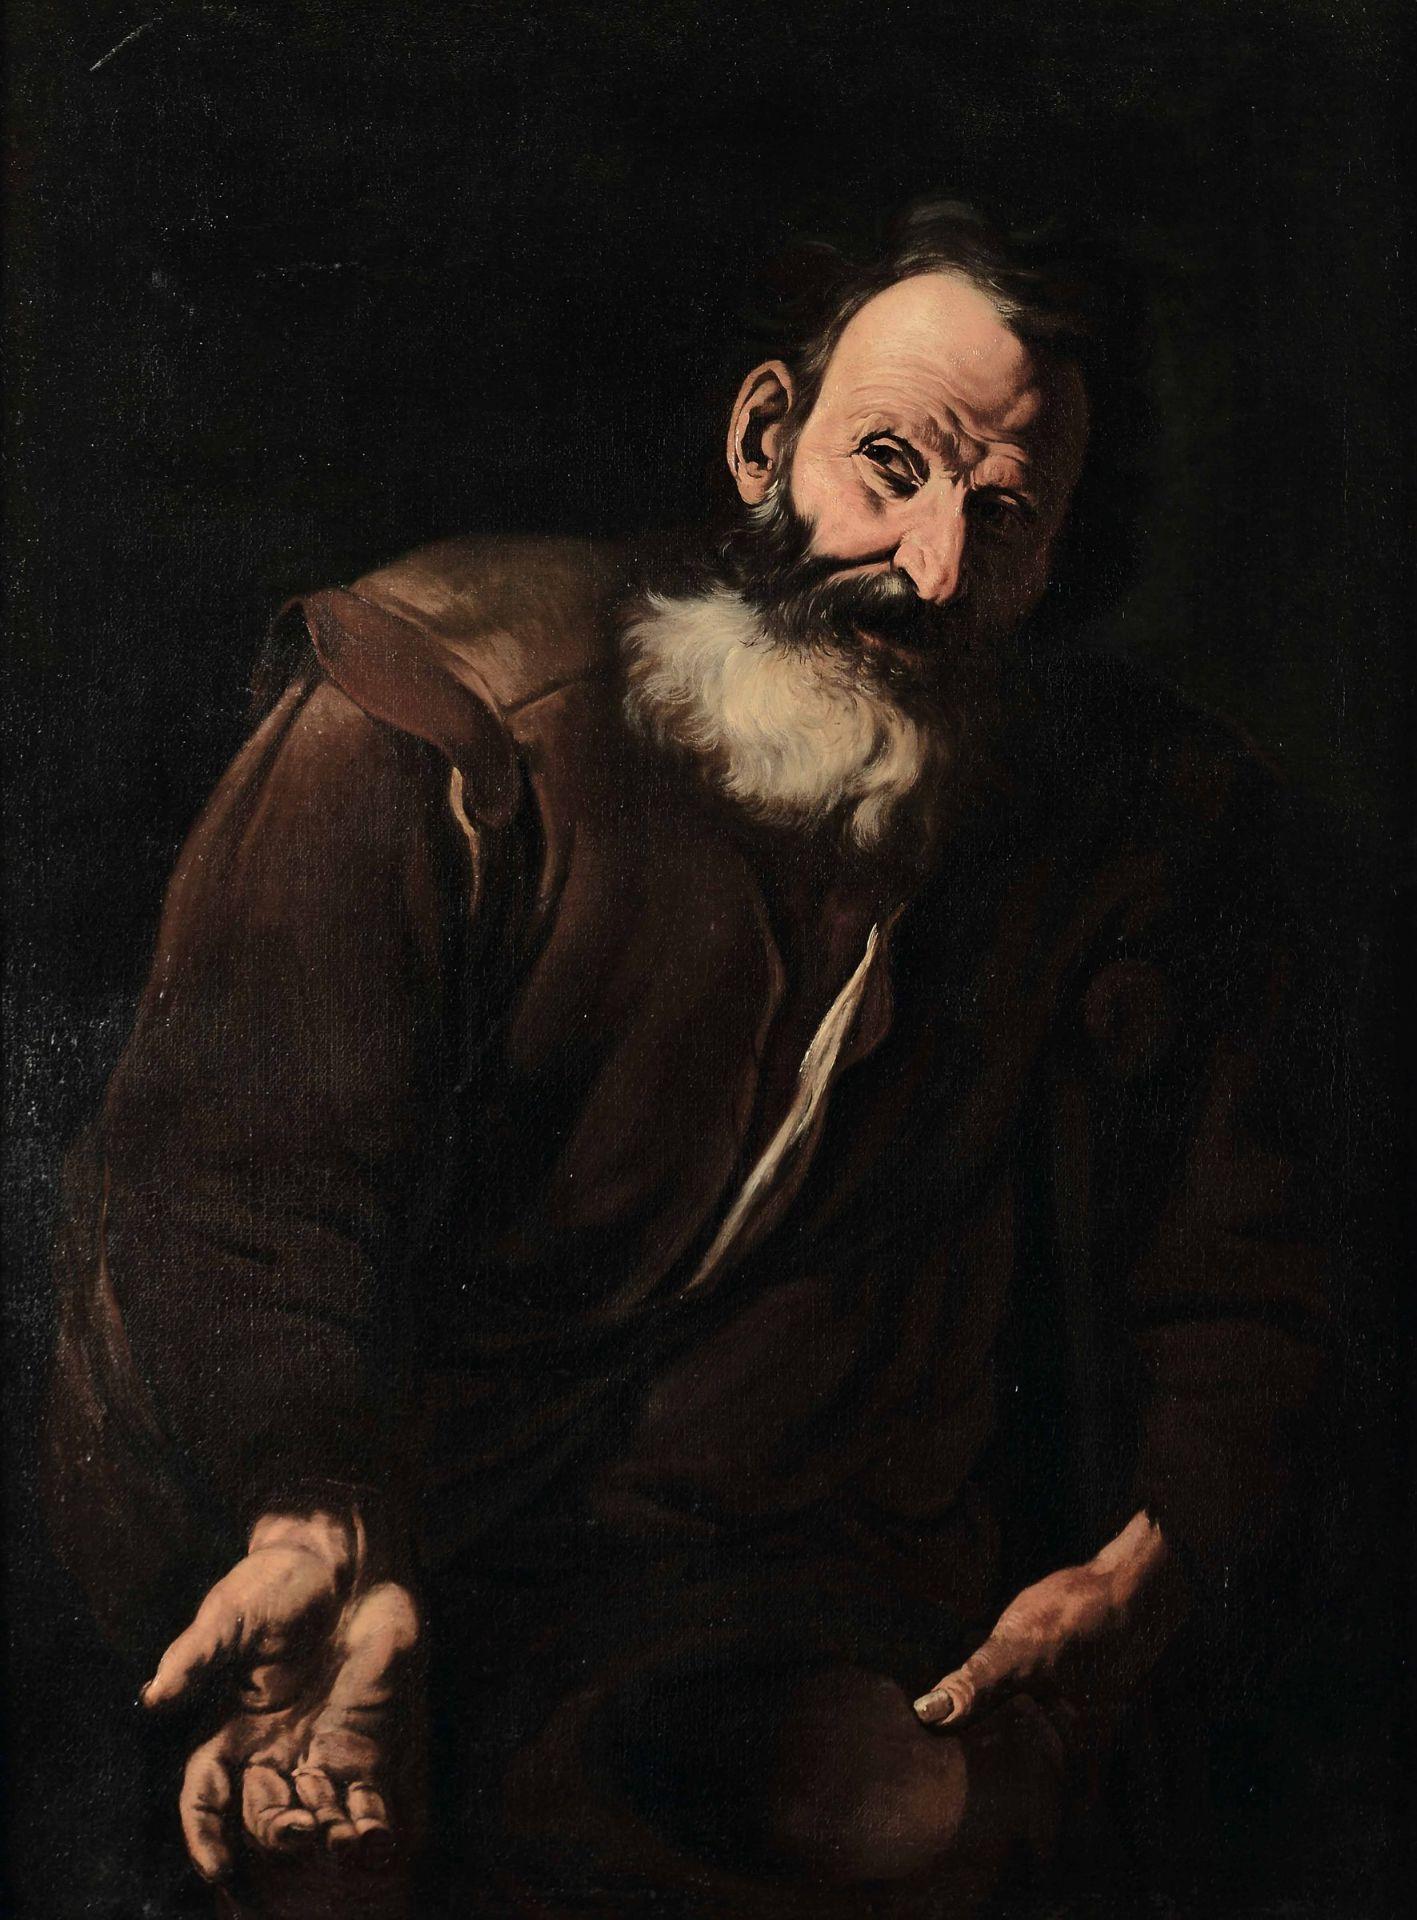 Los 11 - Scuola napoletana della metà del XVII secolo, Vecchio mendicante con cappello - olio [...]